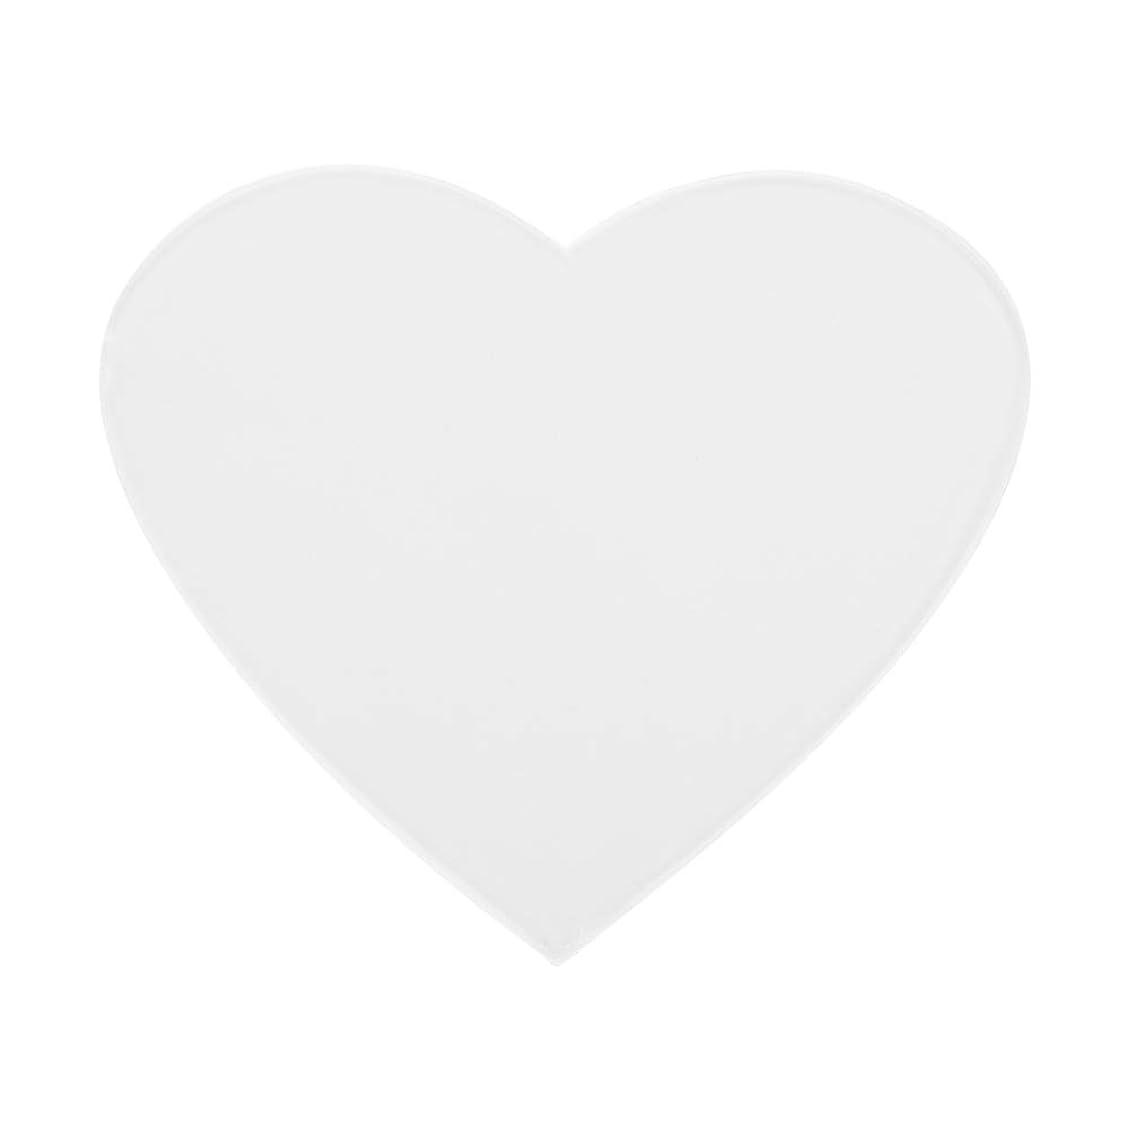 半導体代数的耐えられるアンチリンクルシリコンチェストパッドケア再利用可能パッド(心臓)